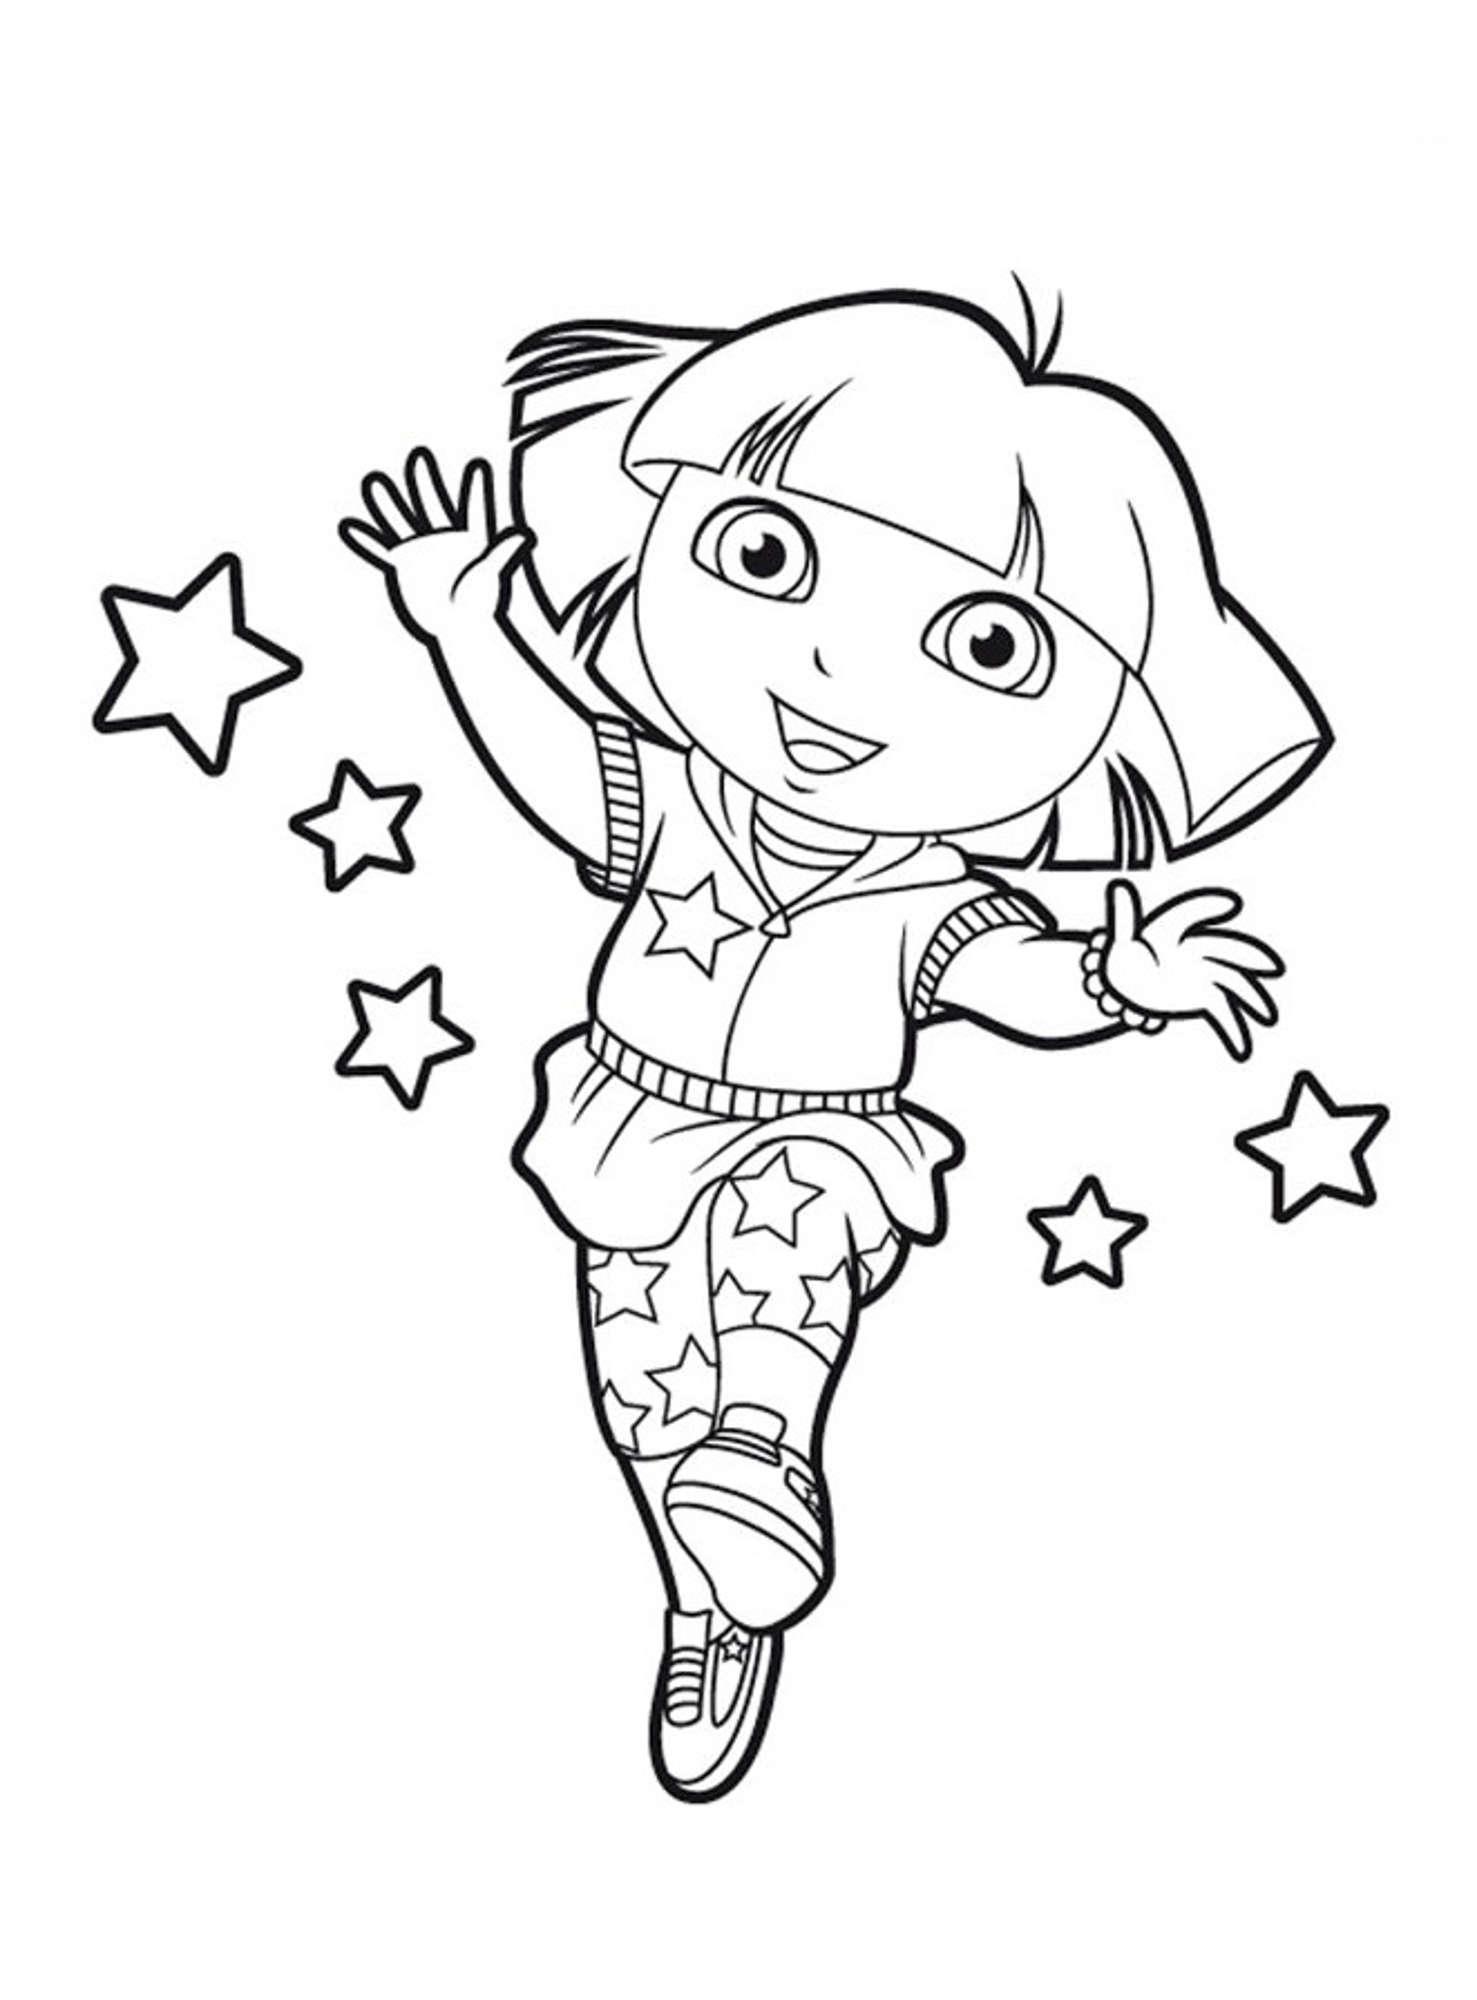 Coloriage Dessin Anime Qu Est Ce Que Le Coloriage Des Dessins Animes